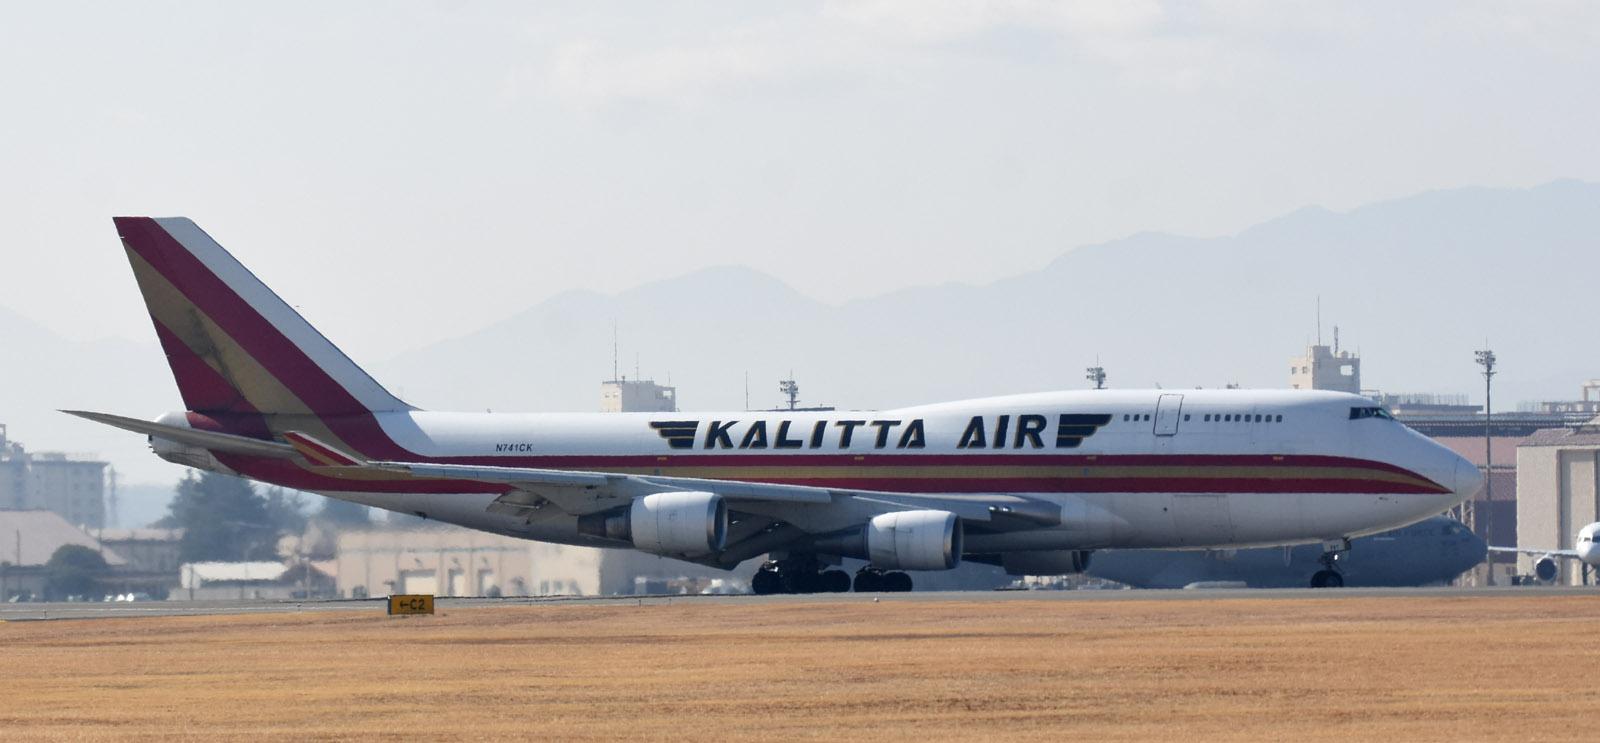 Kalitta190220g115